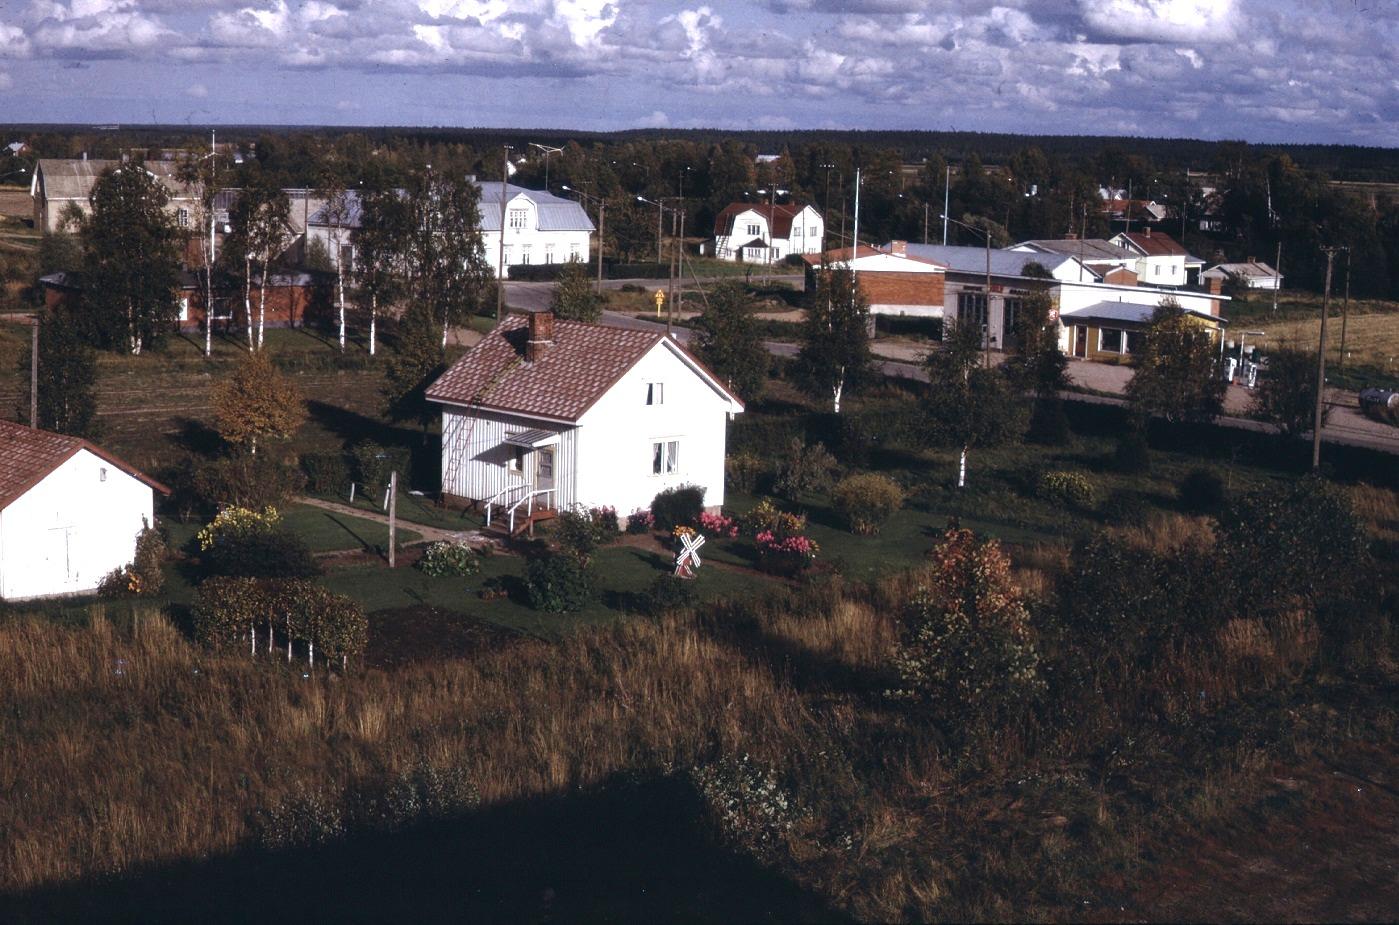 På fotot från 1974 syns det att på av Sparbankens nedbrunna affärshus har det byggts ett egnahemshus med en hyreslokal för banken.